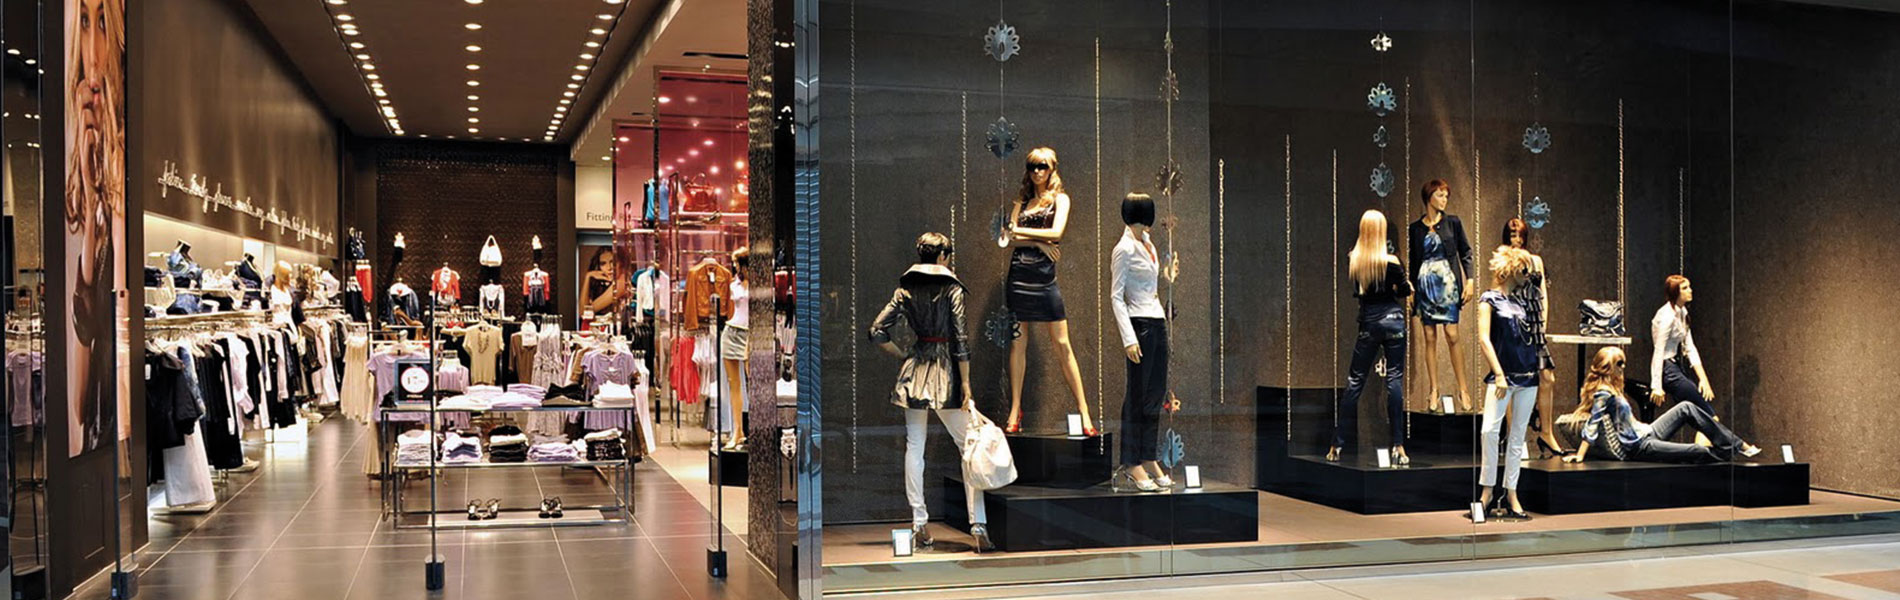 MOTIVI | Centro Commerciale Le Masserie